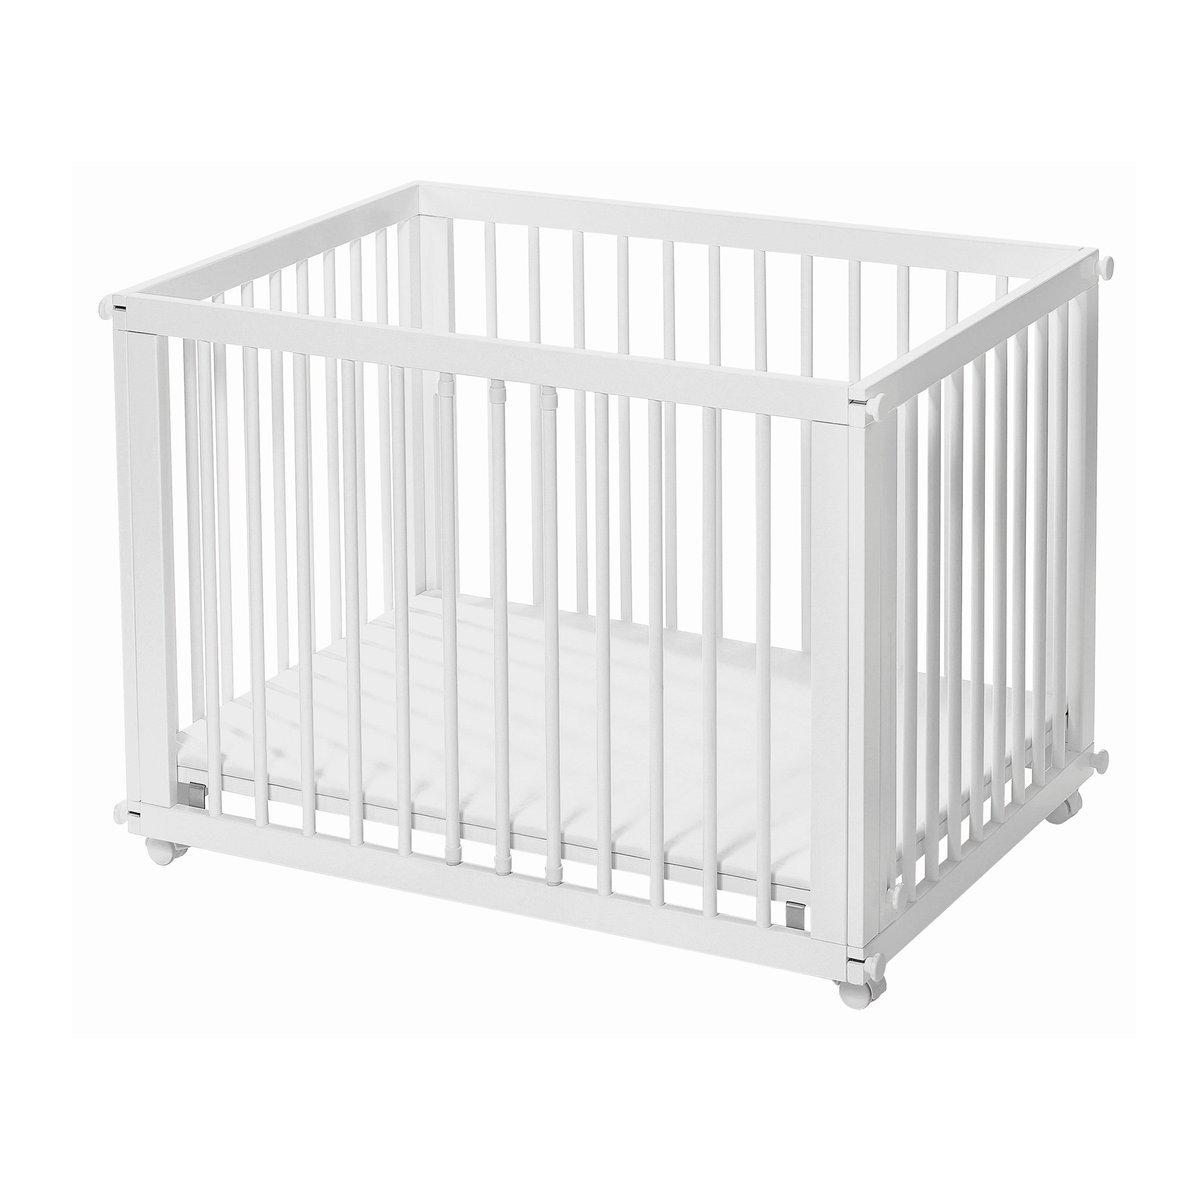 Matratze Und Spannbetttuch Babybett Kinderbett, 99x66x86 Millimeter Günstig  Online Kaufen